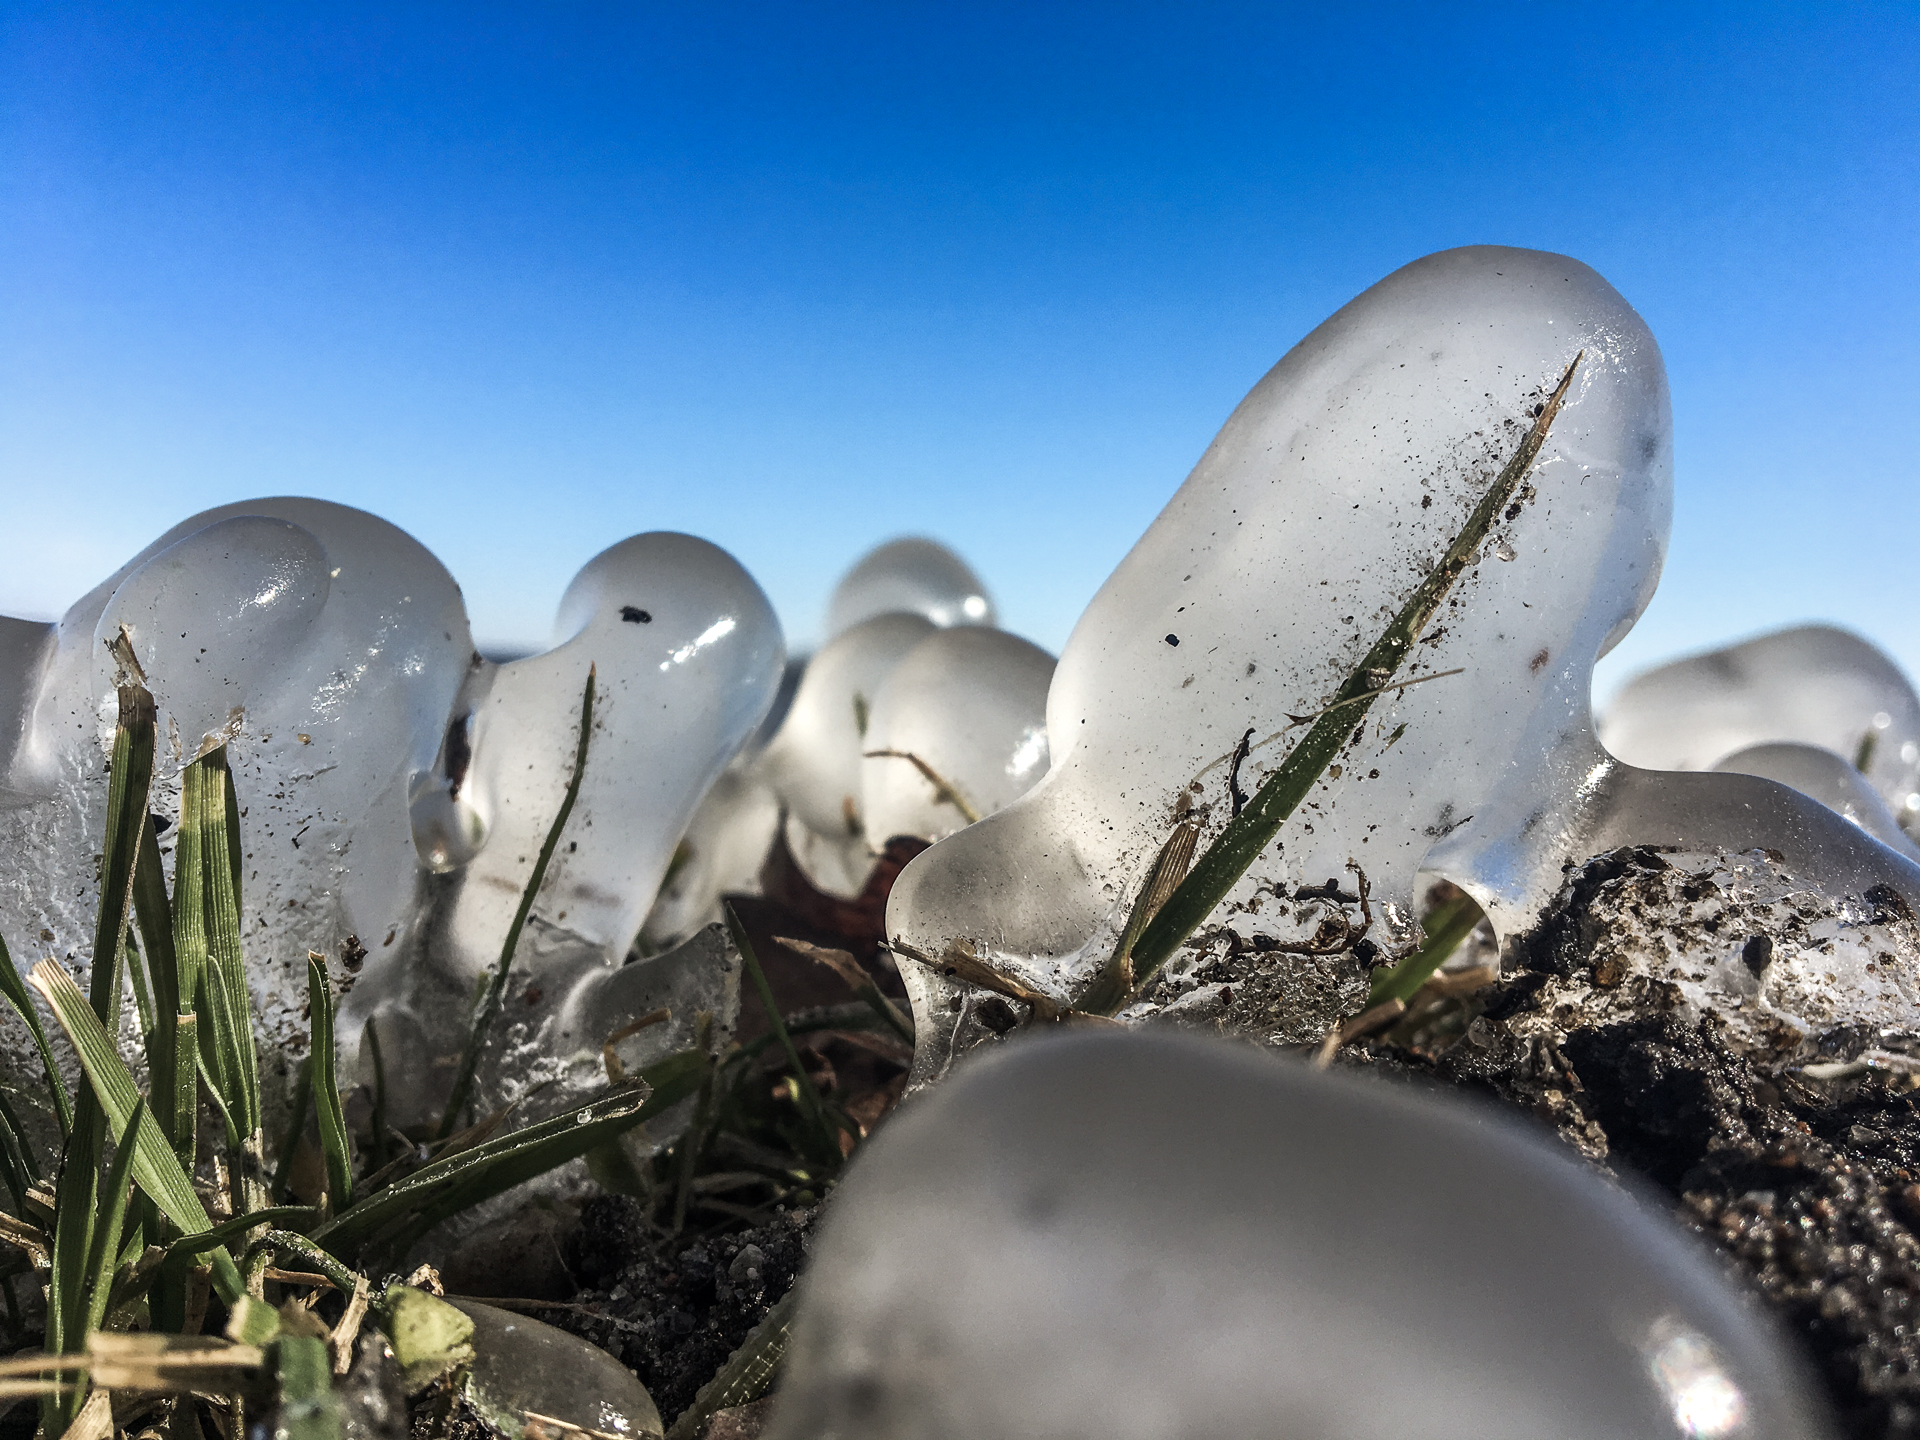 Von Eis umschlossener Grashalm vor blauem Himmel.